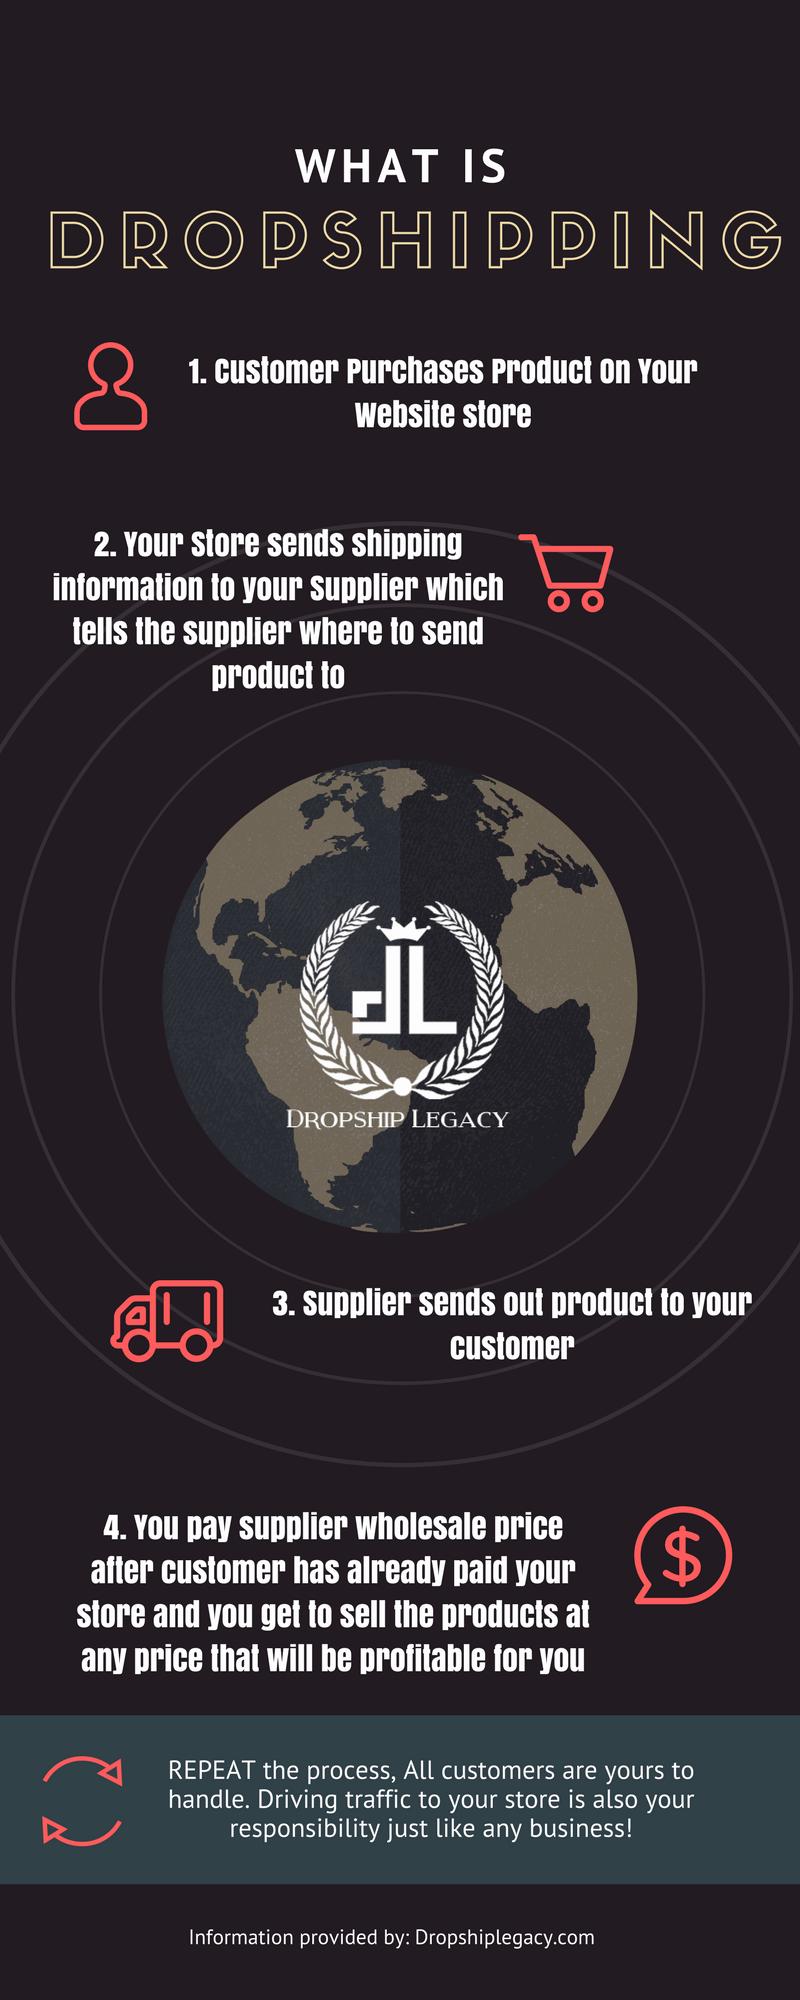 现在任何人都可以轻松地在网上建立一个Dropshipping商店 - 我将引导你如何建立一个商店,从品牌到选品到最重要的市场营销。(Dropship Legacy)